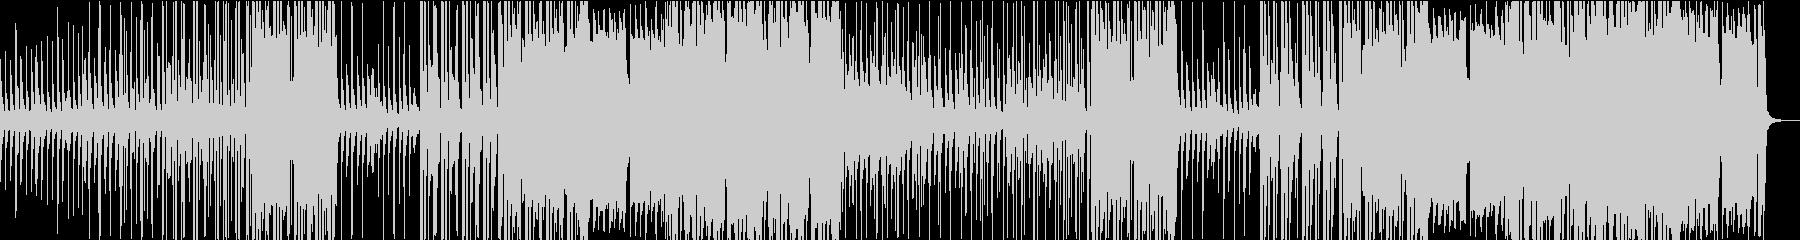 シンコペートされたスチールドラムを...の未再生の波形